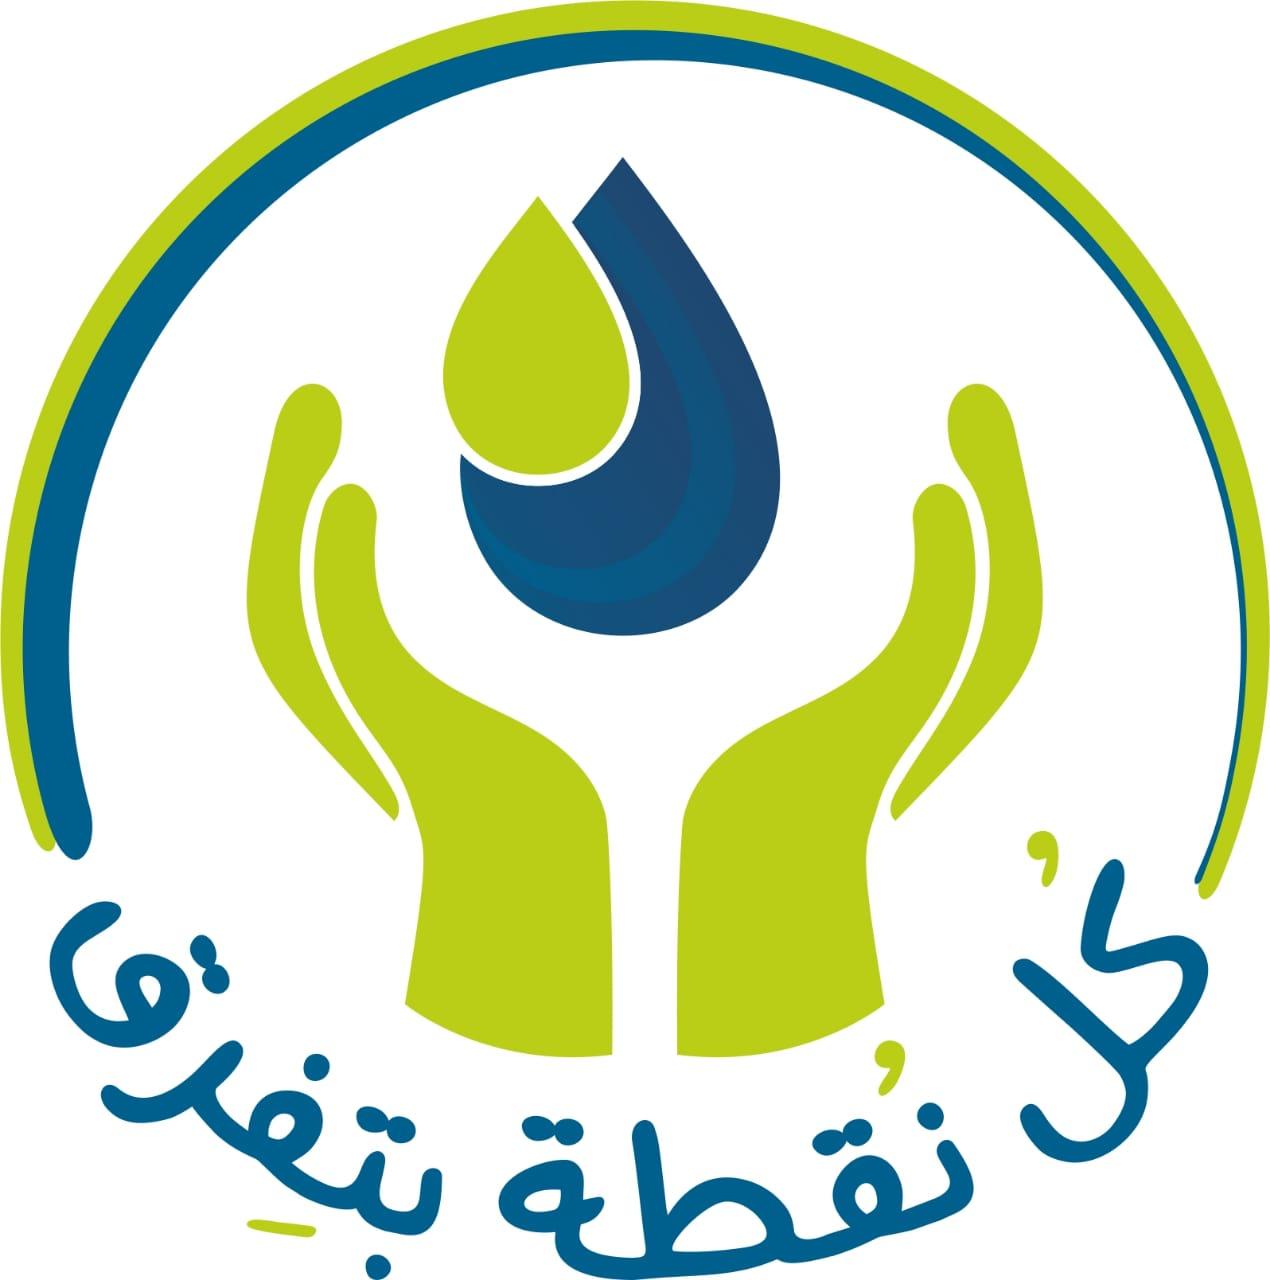 محافظة الأقصر تطلق أكبر حملة للتوعية بترشيد إستهلاك المياة في الأسبوع المائي  (5)